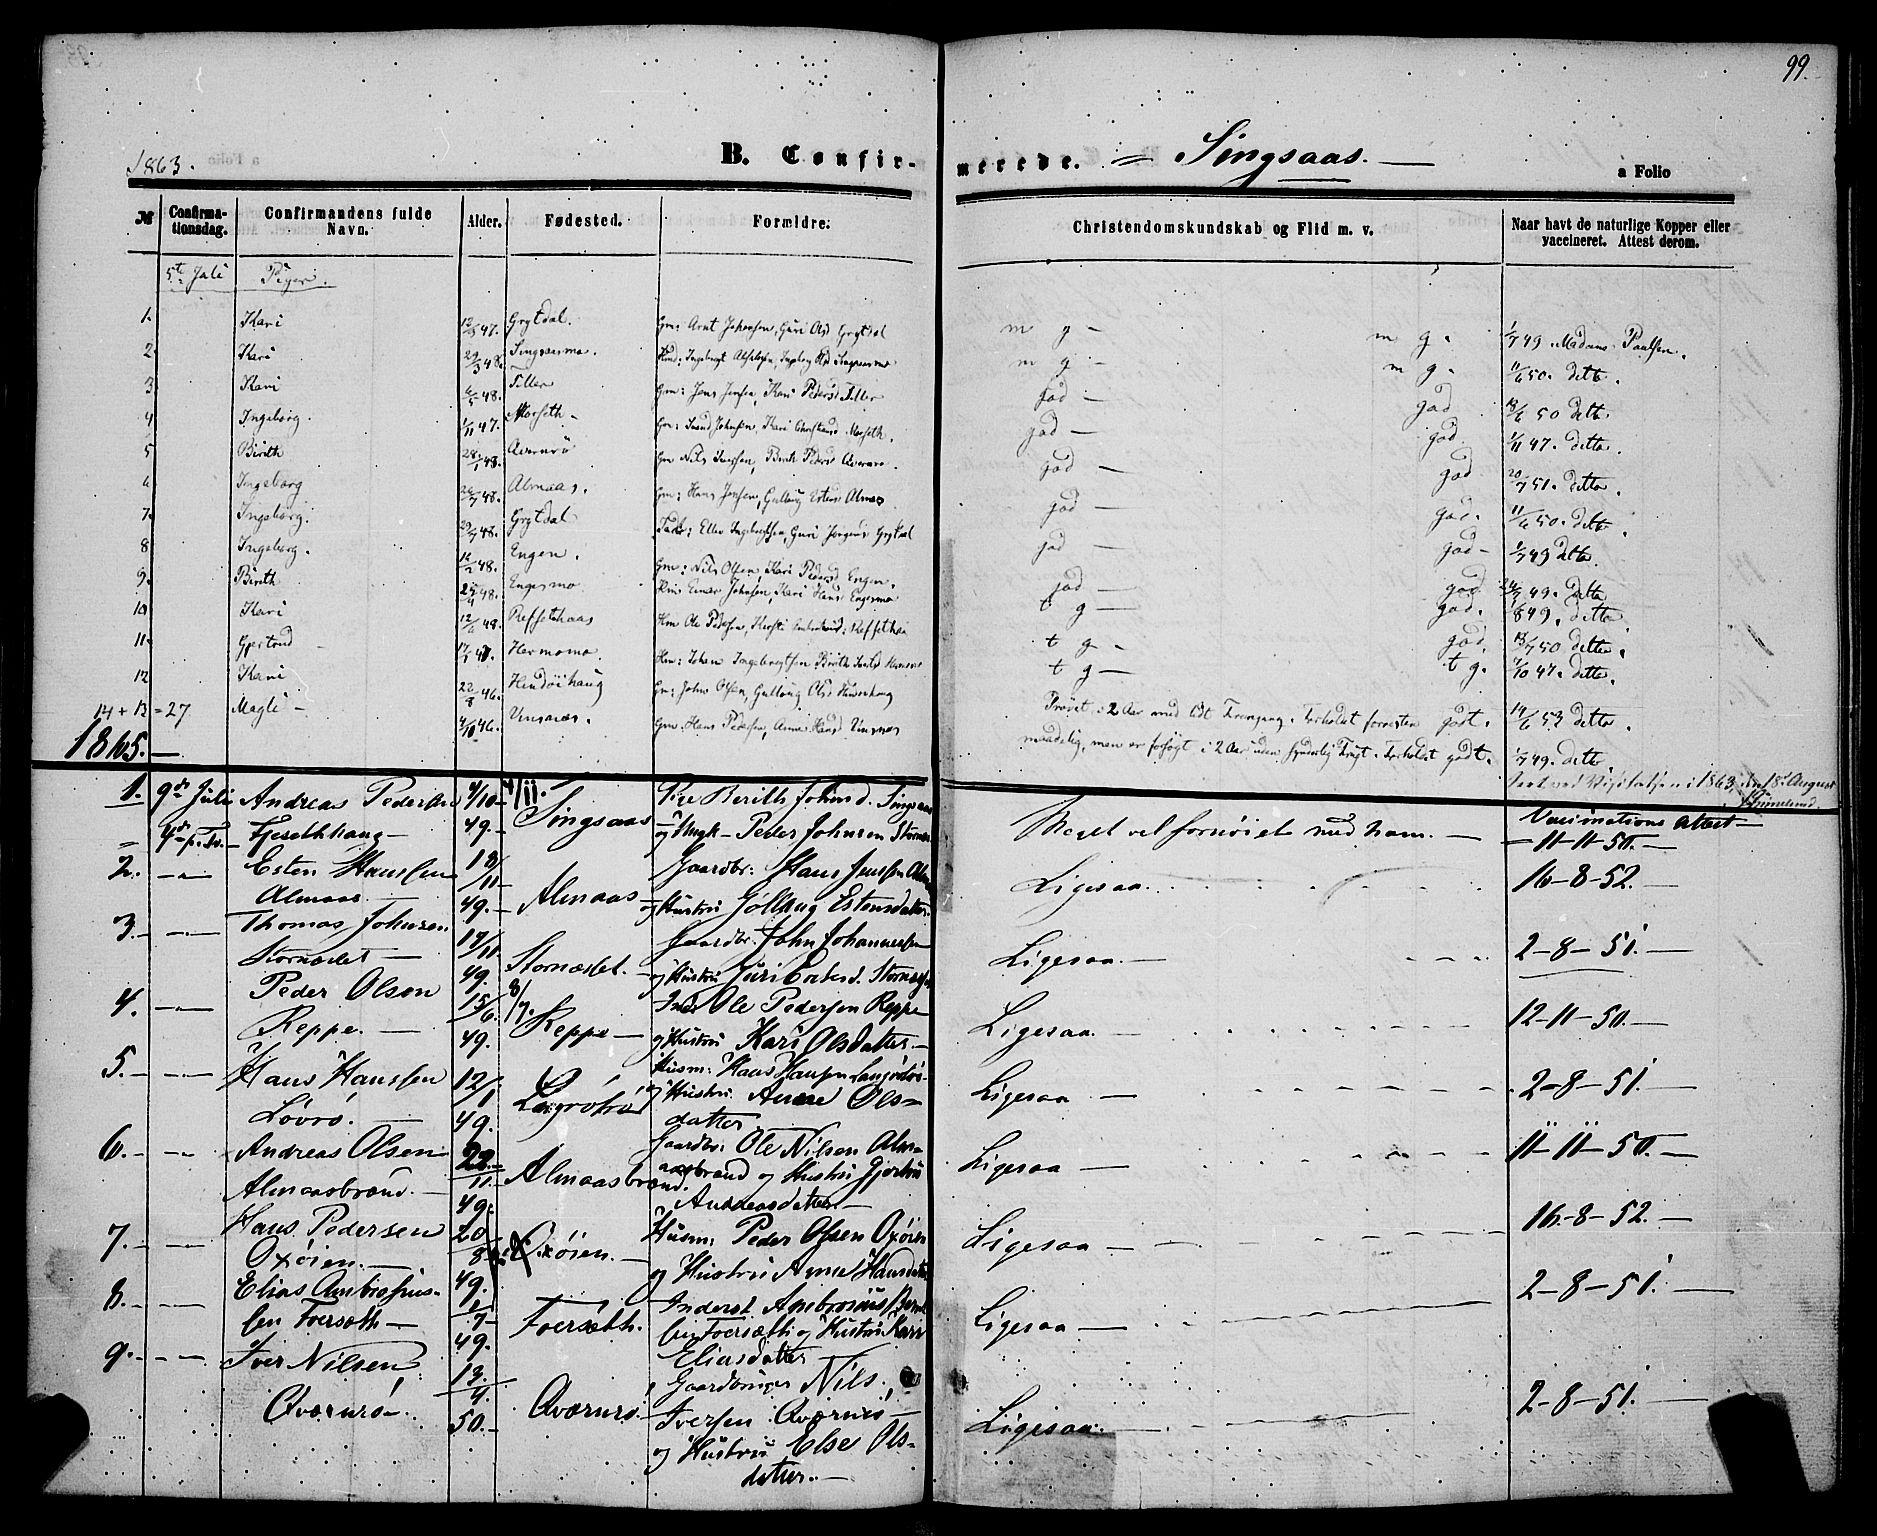 SAT, Ministerialprotokoller, klokkerbøker og fødselsregistre - Sør-Trøndelag, 685/L0967: Ministerialbok nr. 685A07 /2, 1860-1869, s. 99